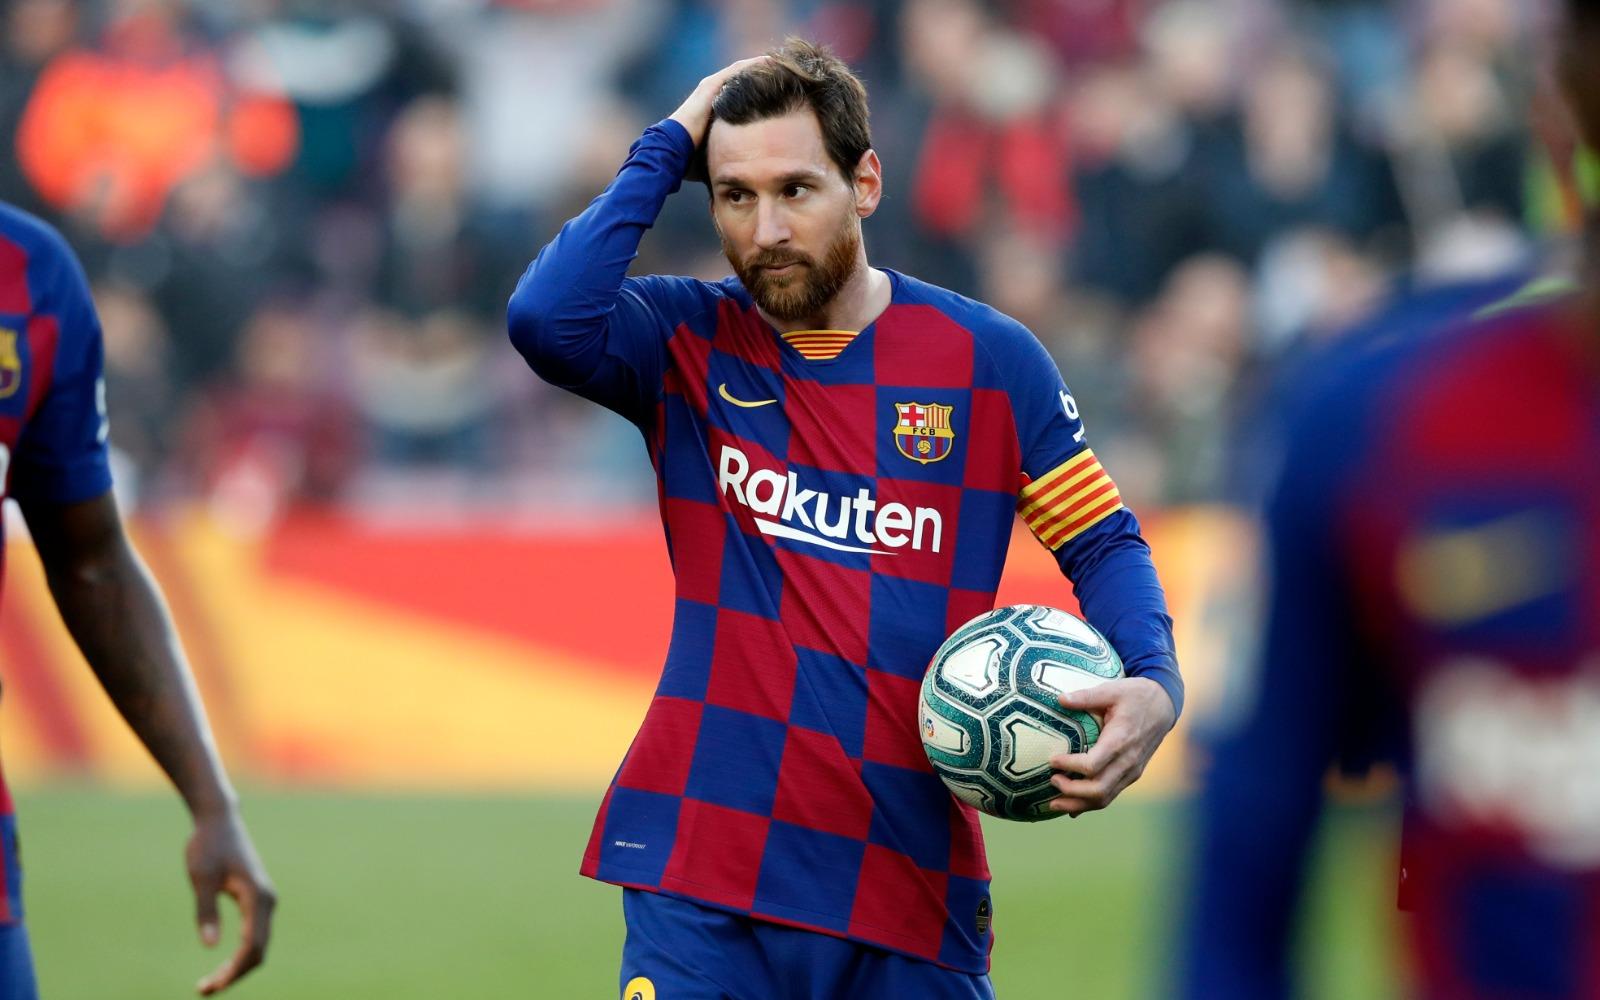 Danh hiệu Pichichi lần thứ 7 cho Messi, một kỷ lục ở La Liga